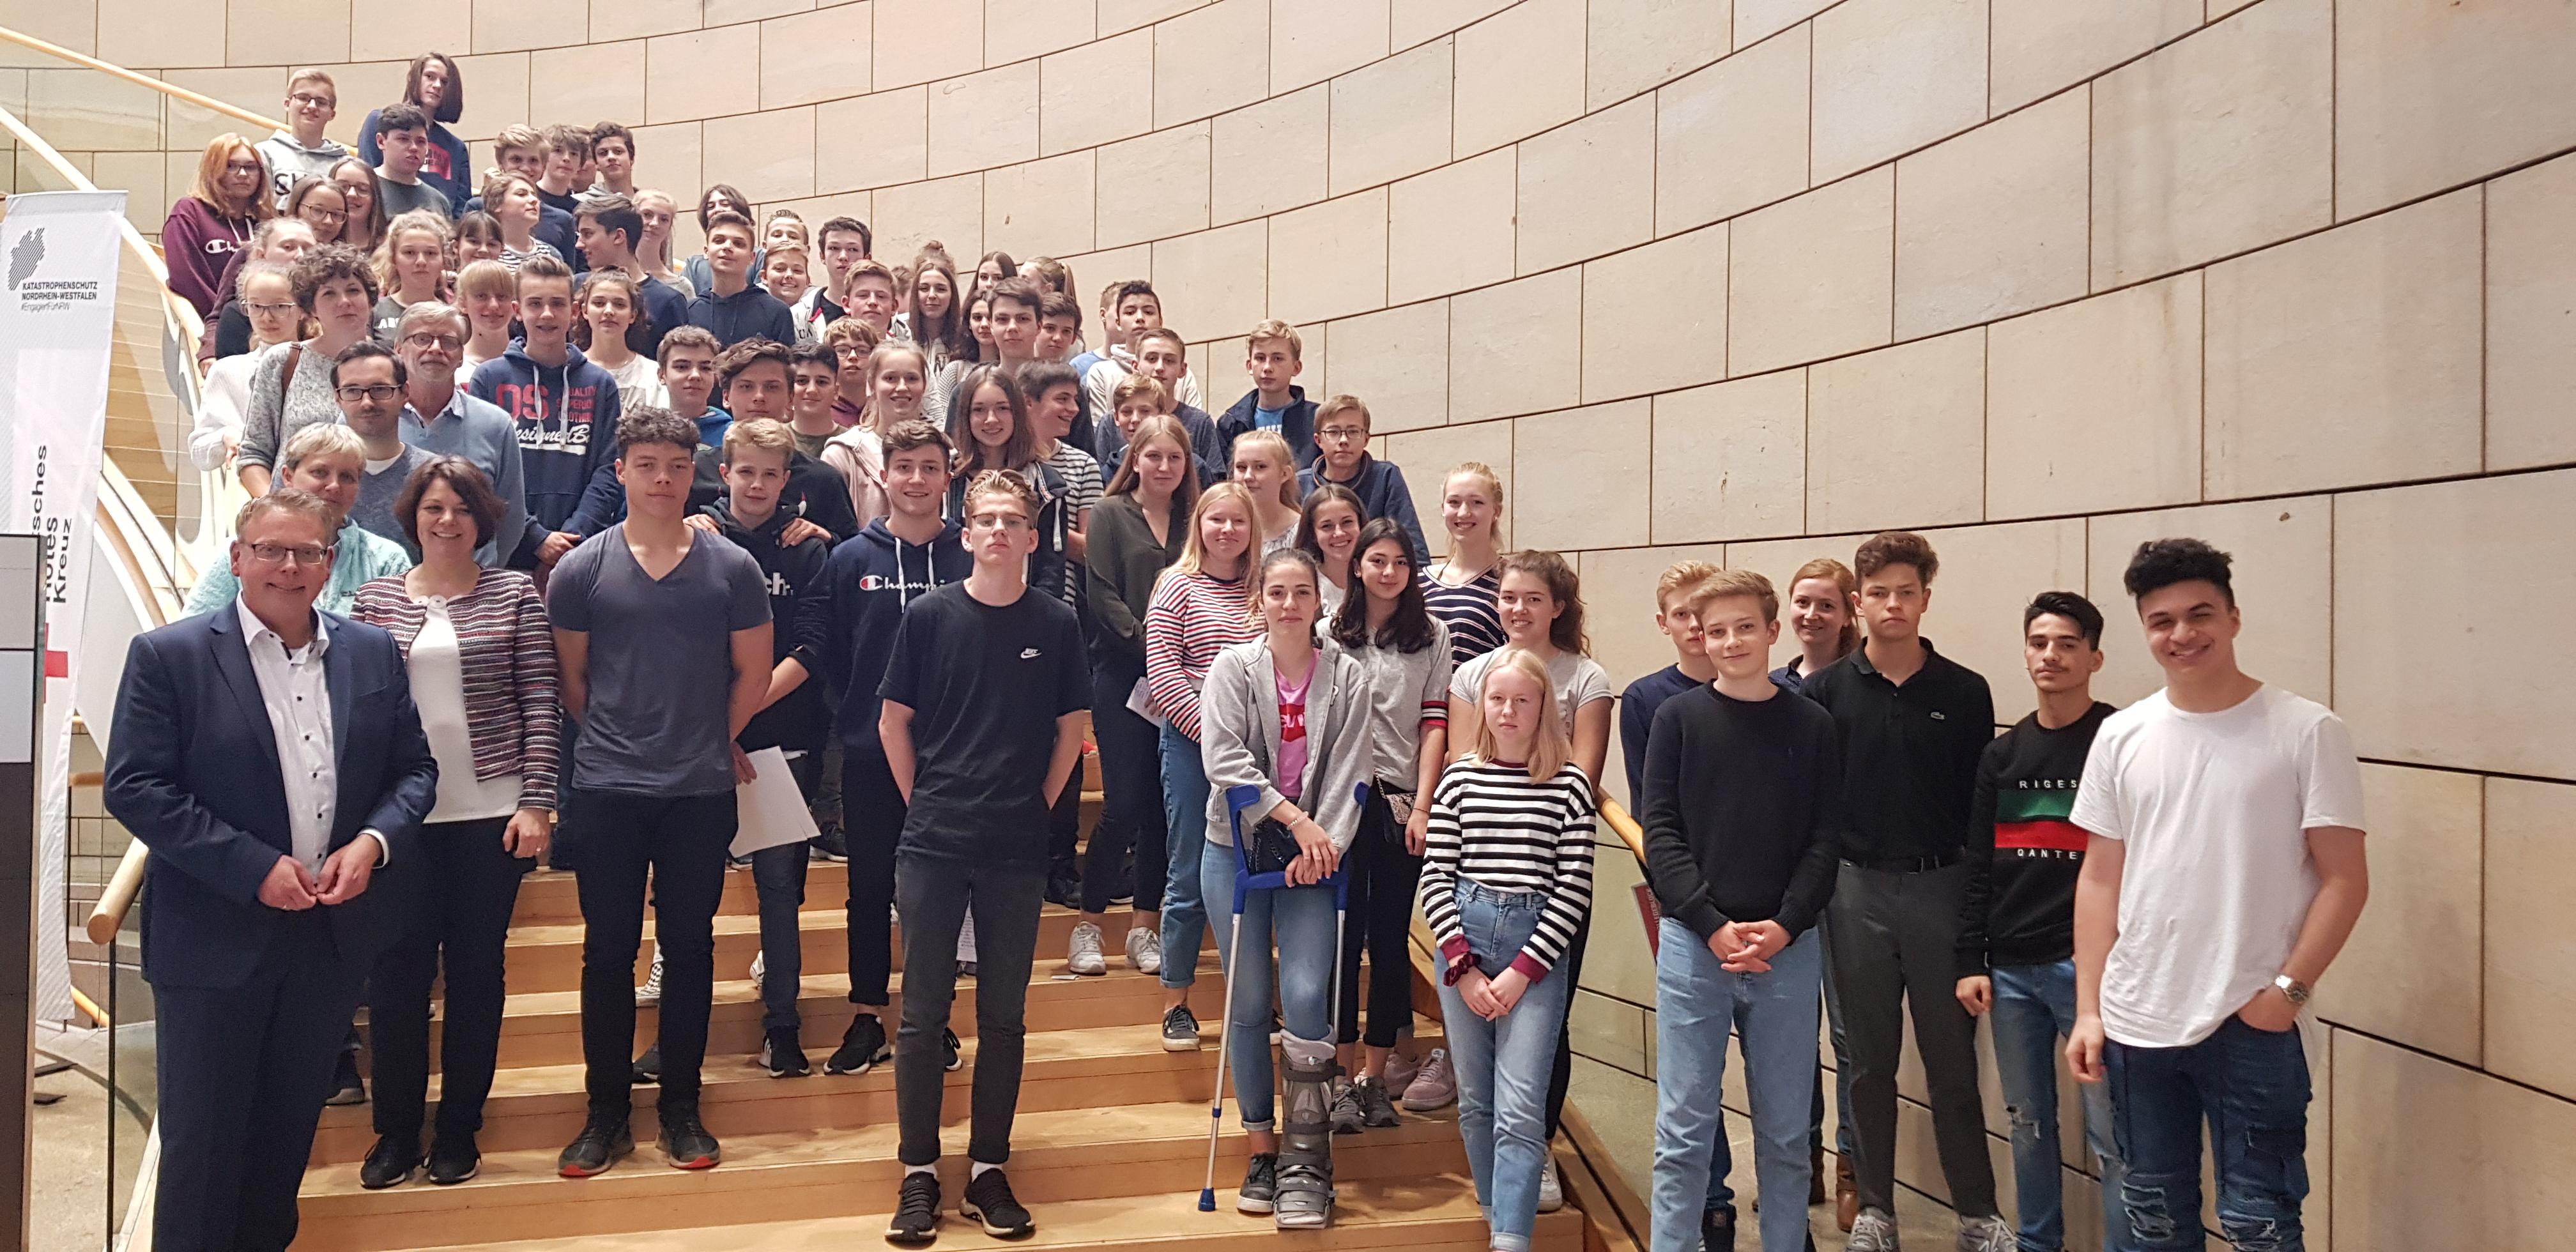 Landtagsbesuch von Schülerinnen und Schülern des Fabritianums